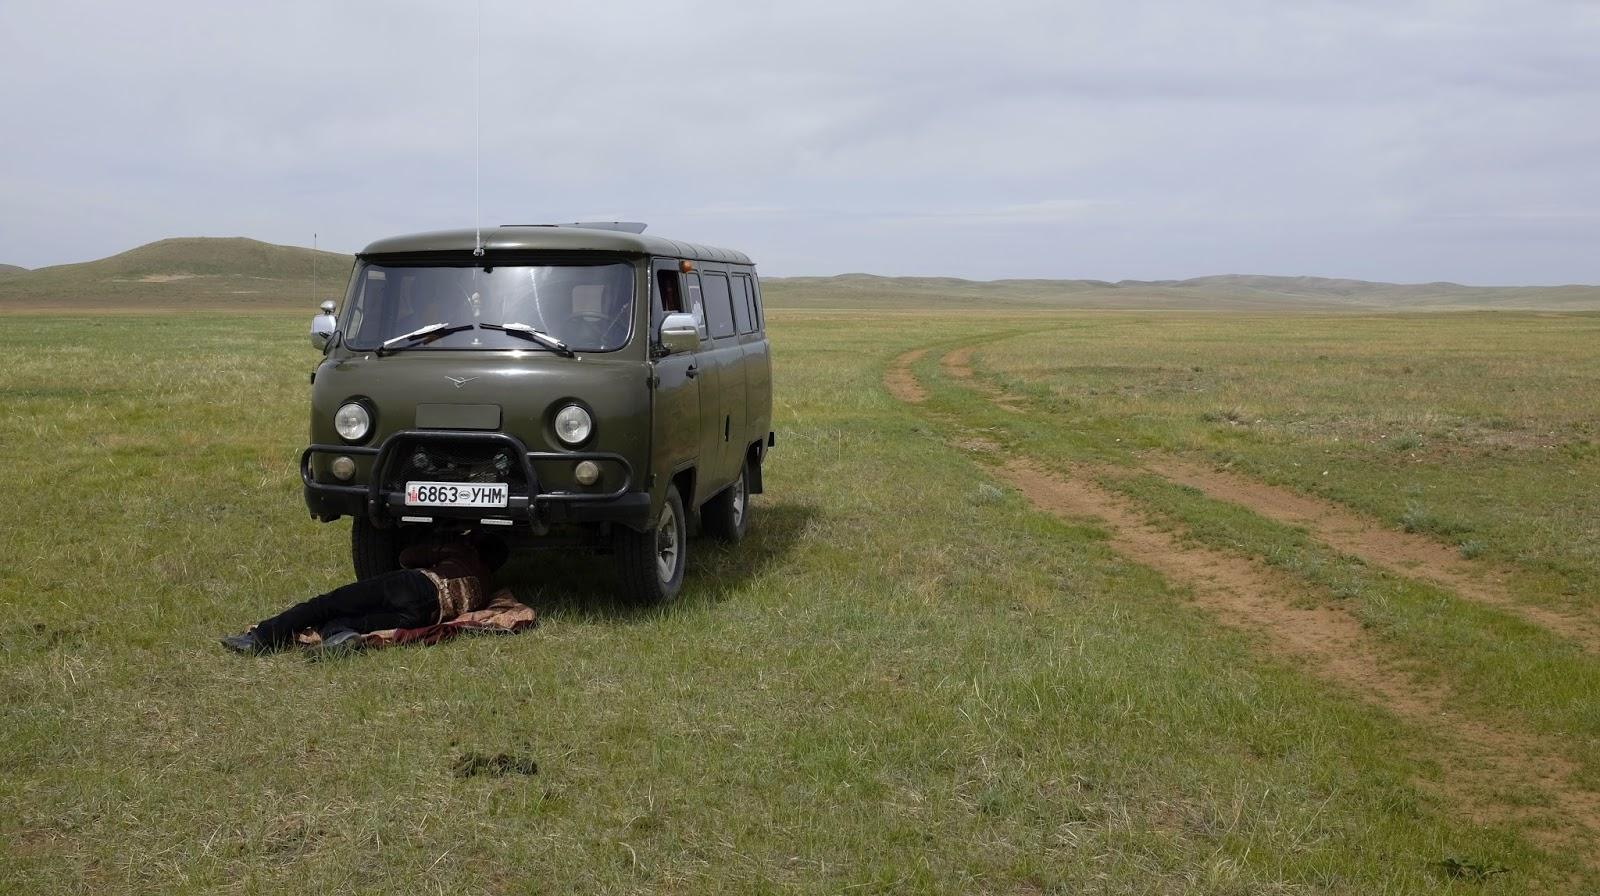 mon blog de photographe la mongolie et ses paysages monumentaux. Black Bedroom Furniture Sets. Home Design Ideas